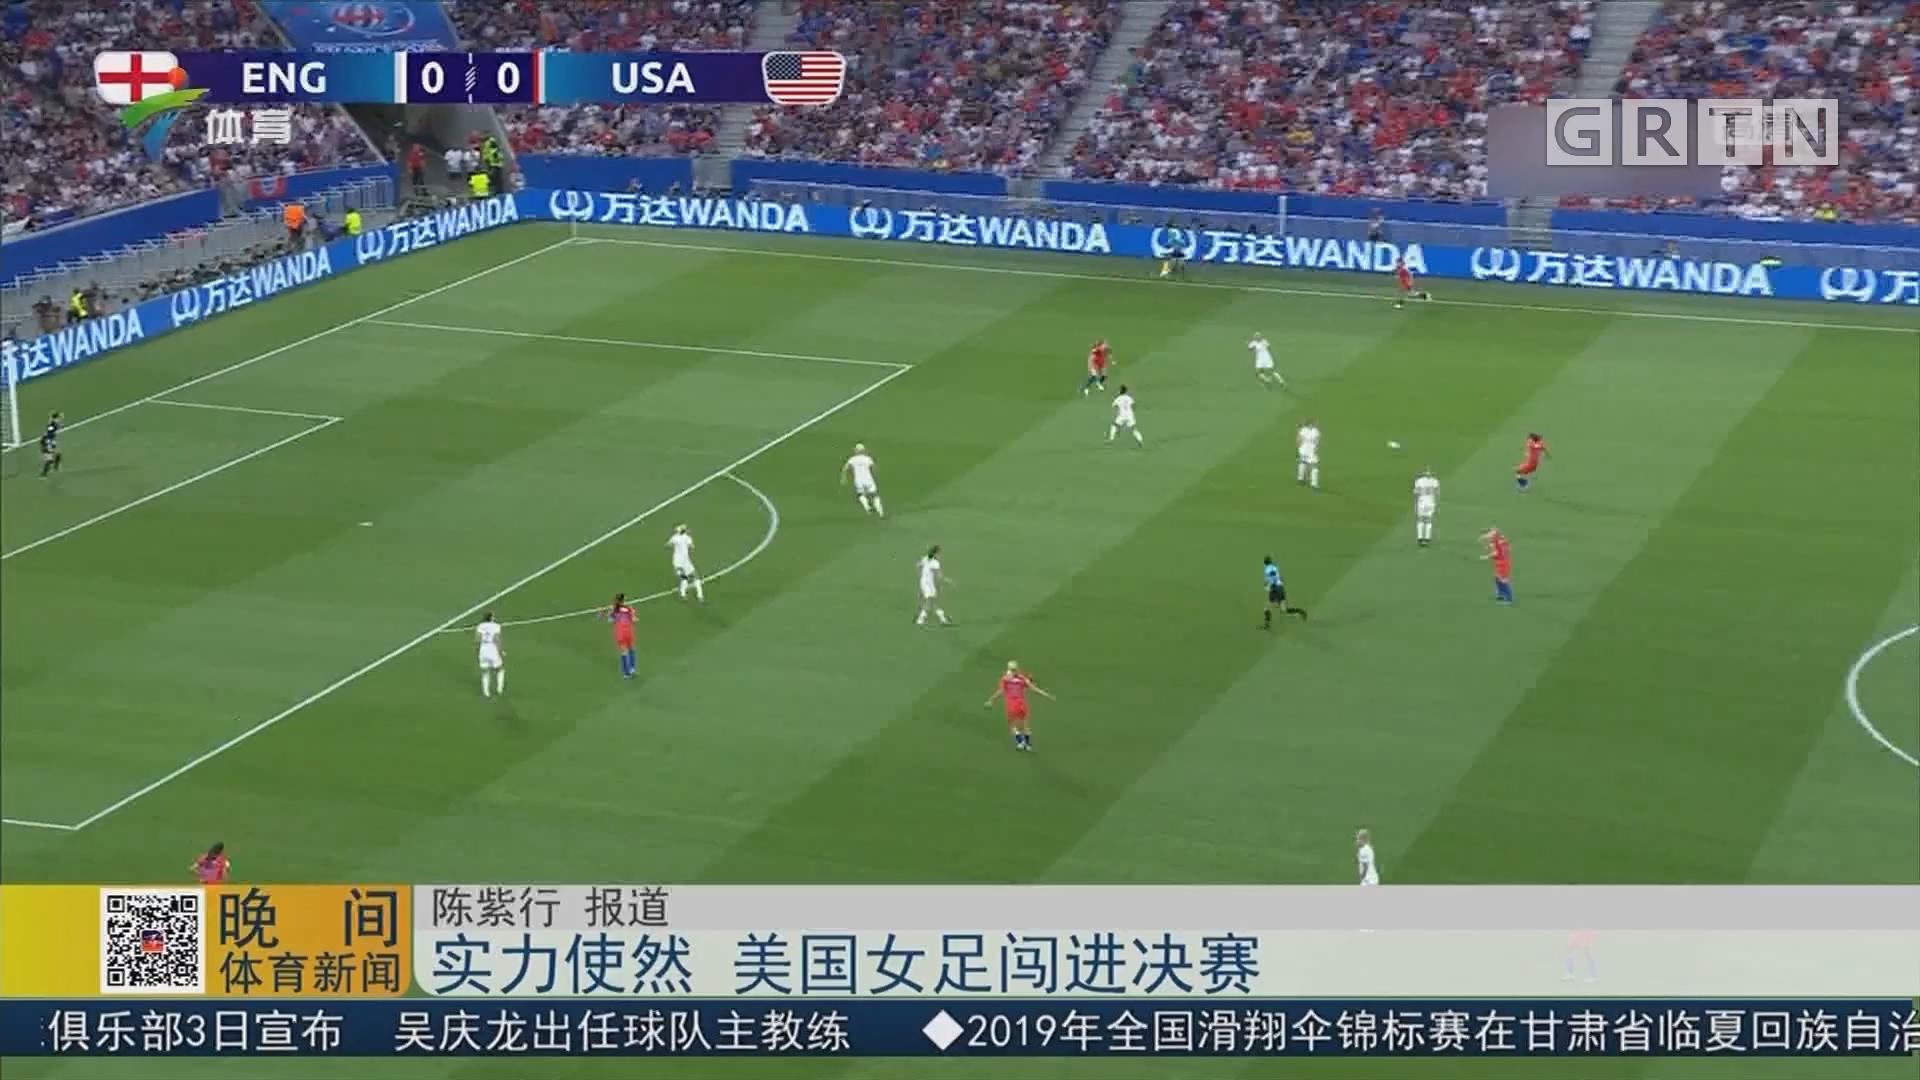 实力使然 美国女足闯进决赛